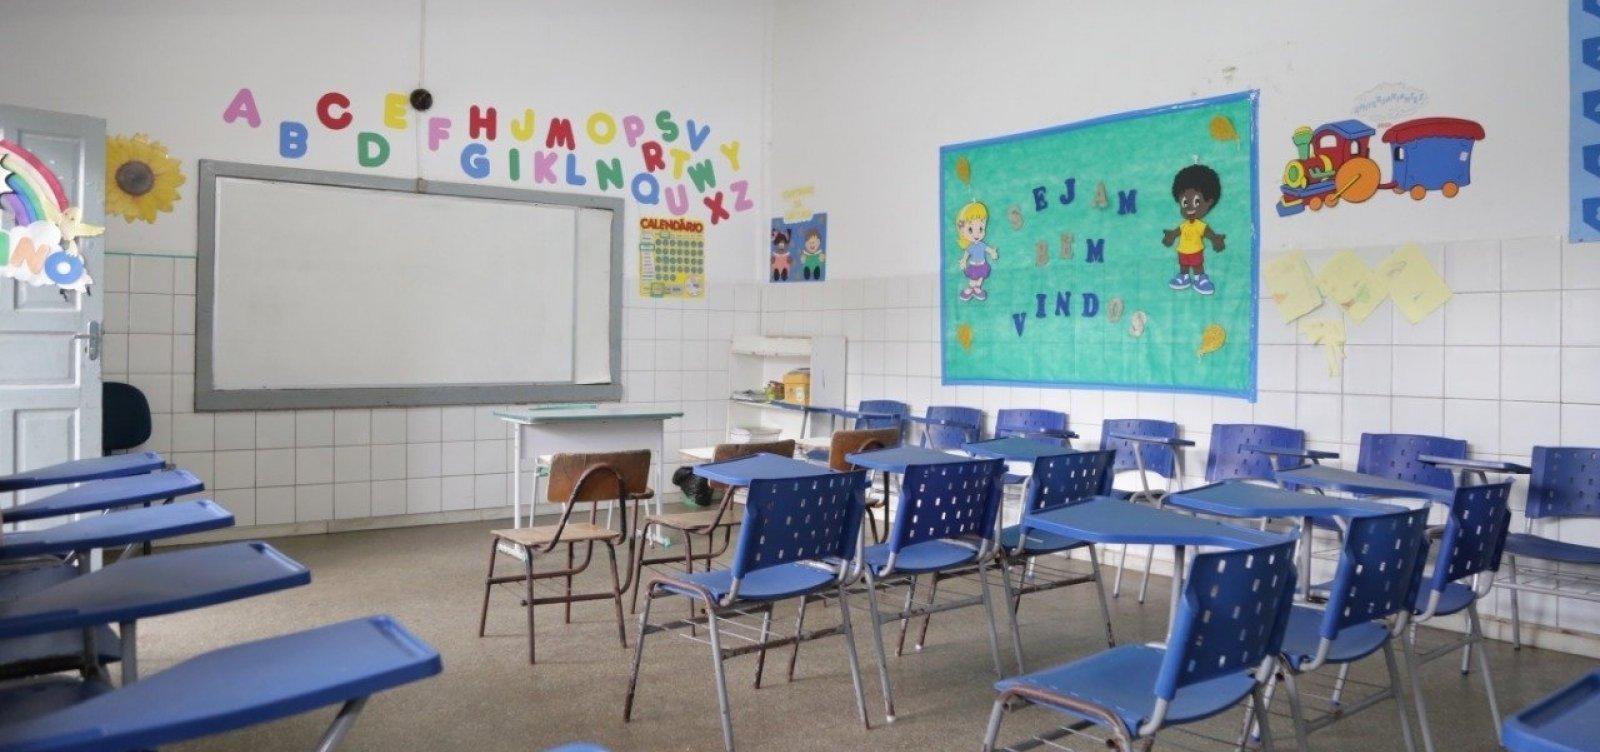 Após pais indicarem insegurança, Itabuna prorroga volta às aulas presenciais